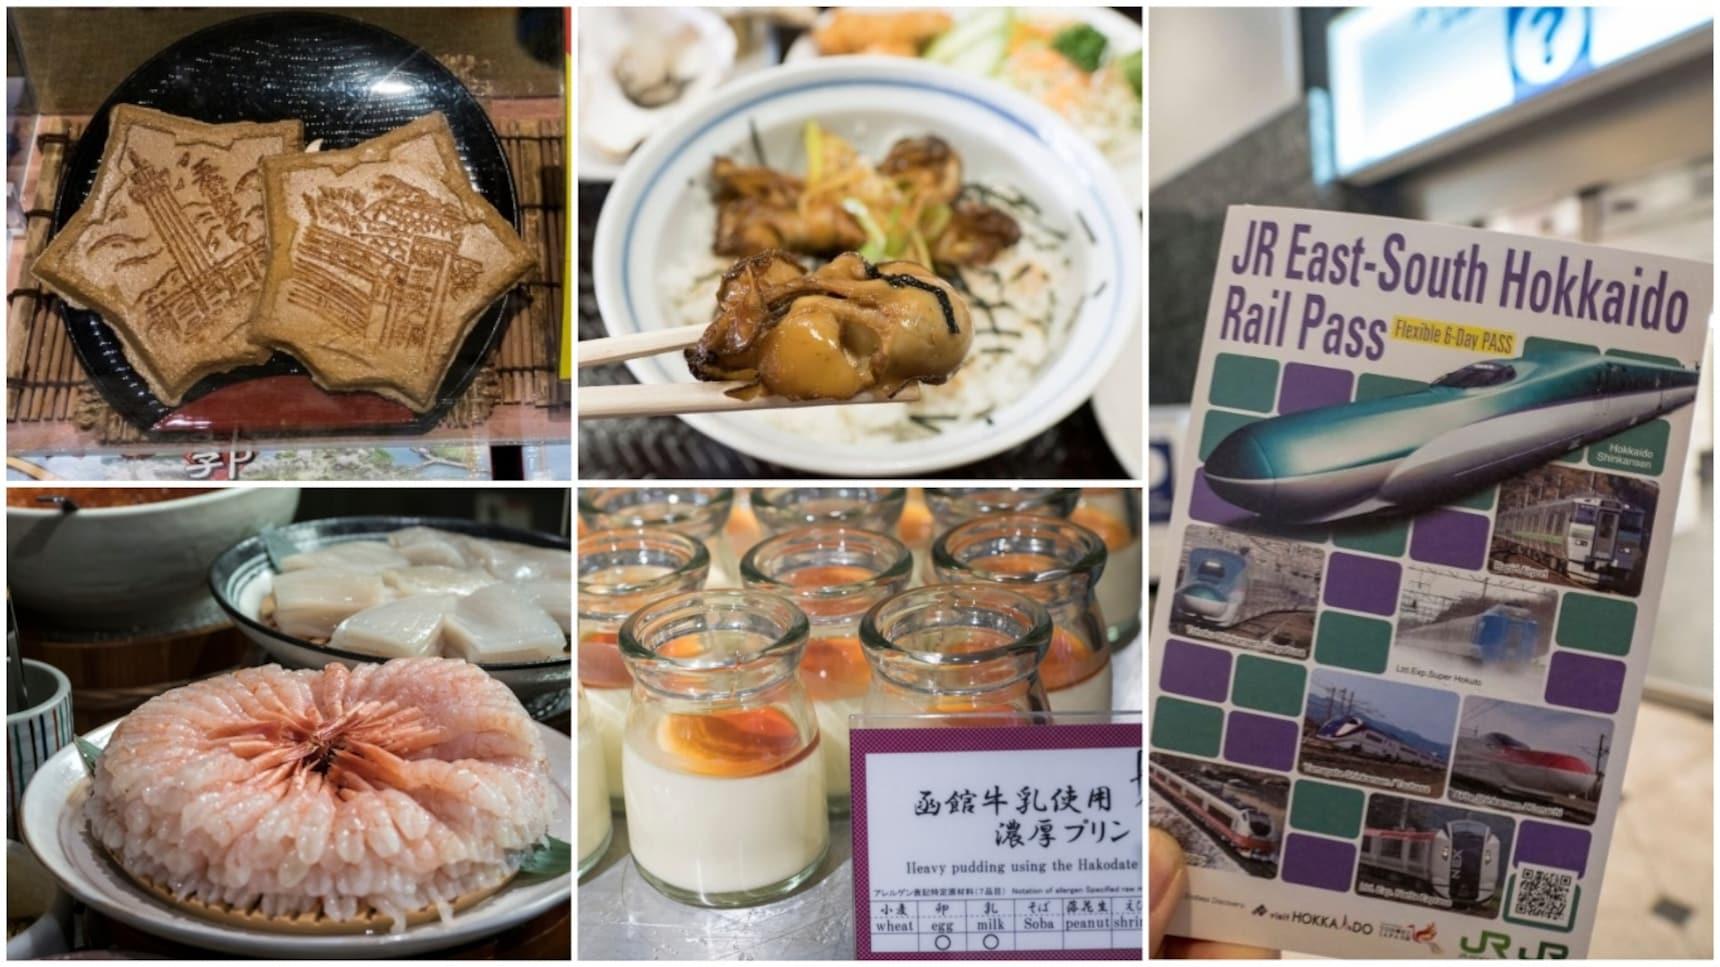 美食吃不停!帶著「JR東日本.南北海道鐵路周遊券」一路從東京玩到東北和函館